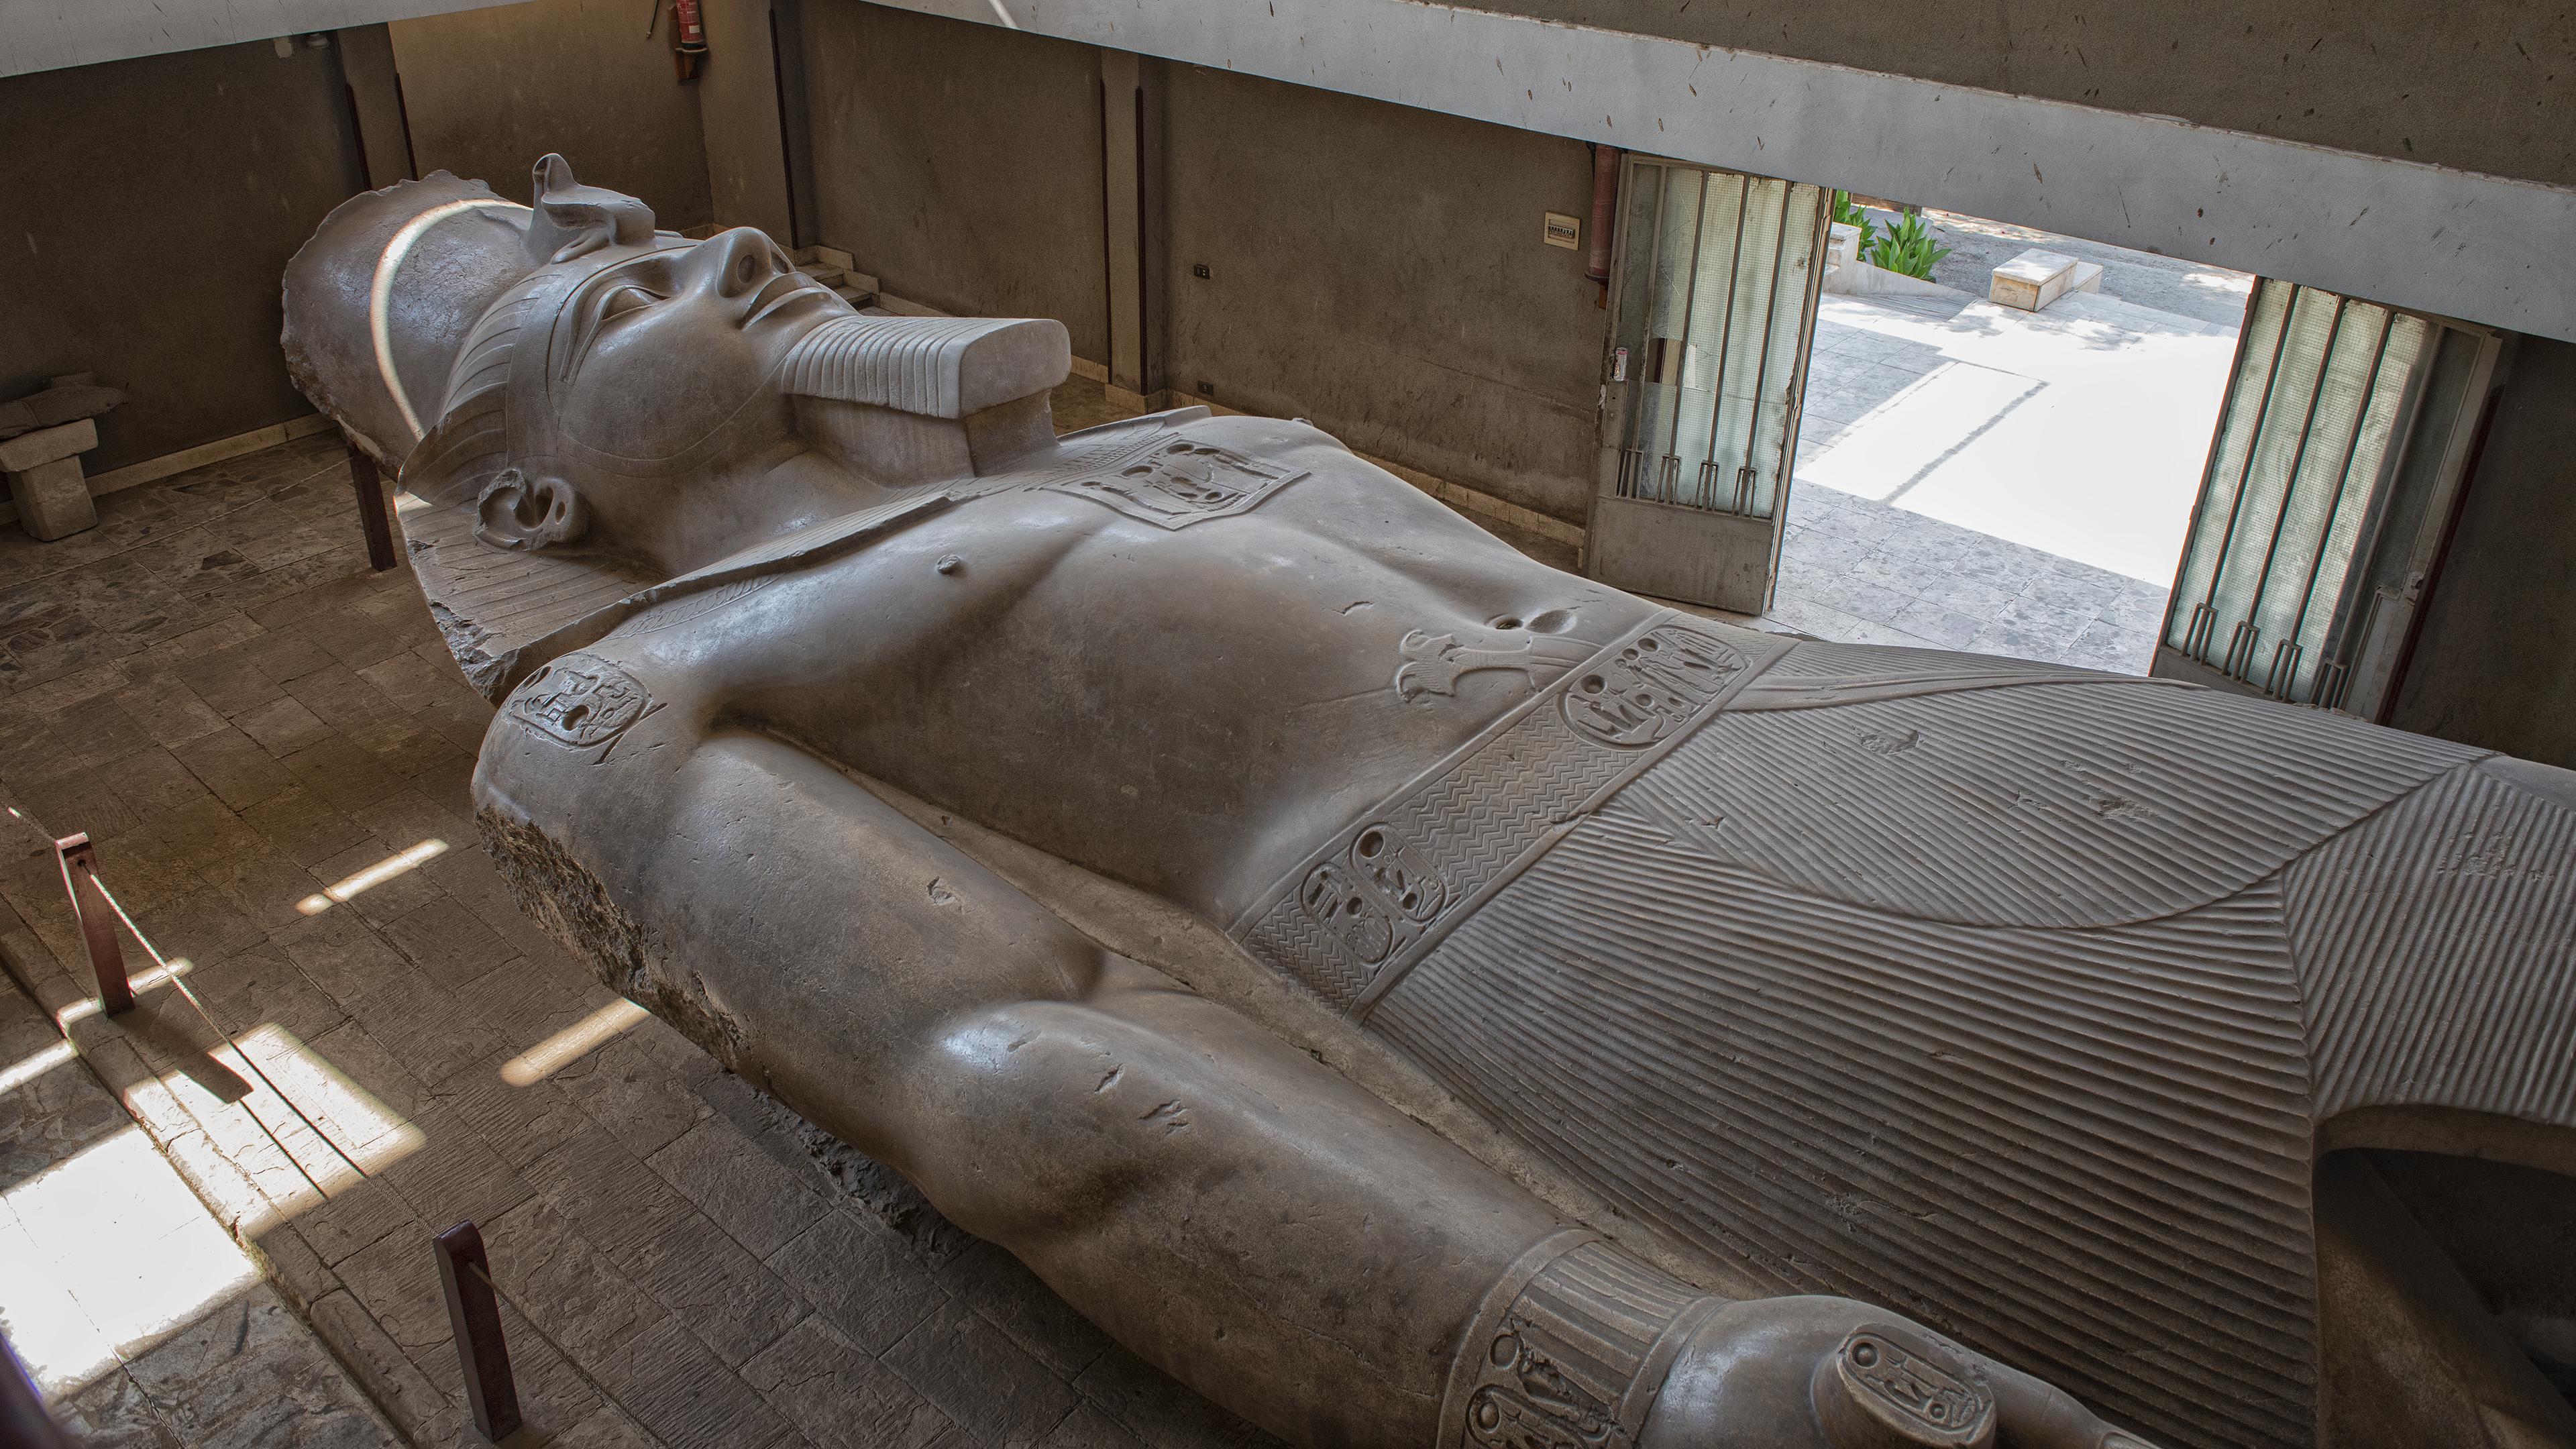 Giant Egypt Statue of Pharaoh